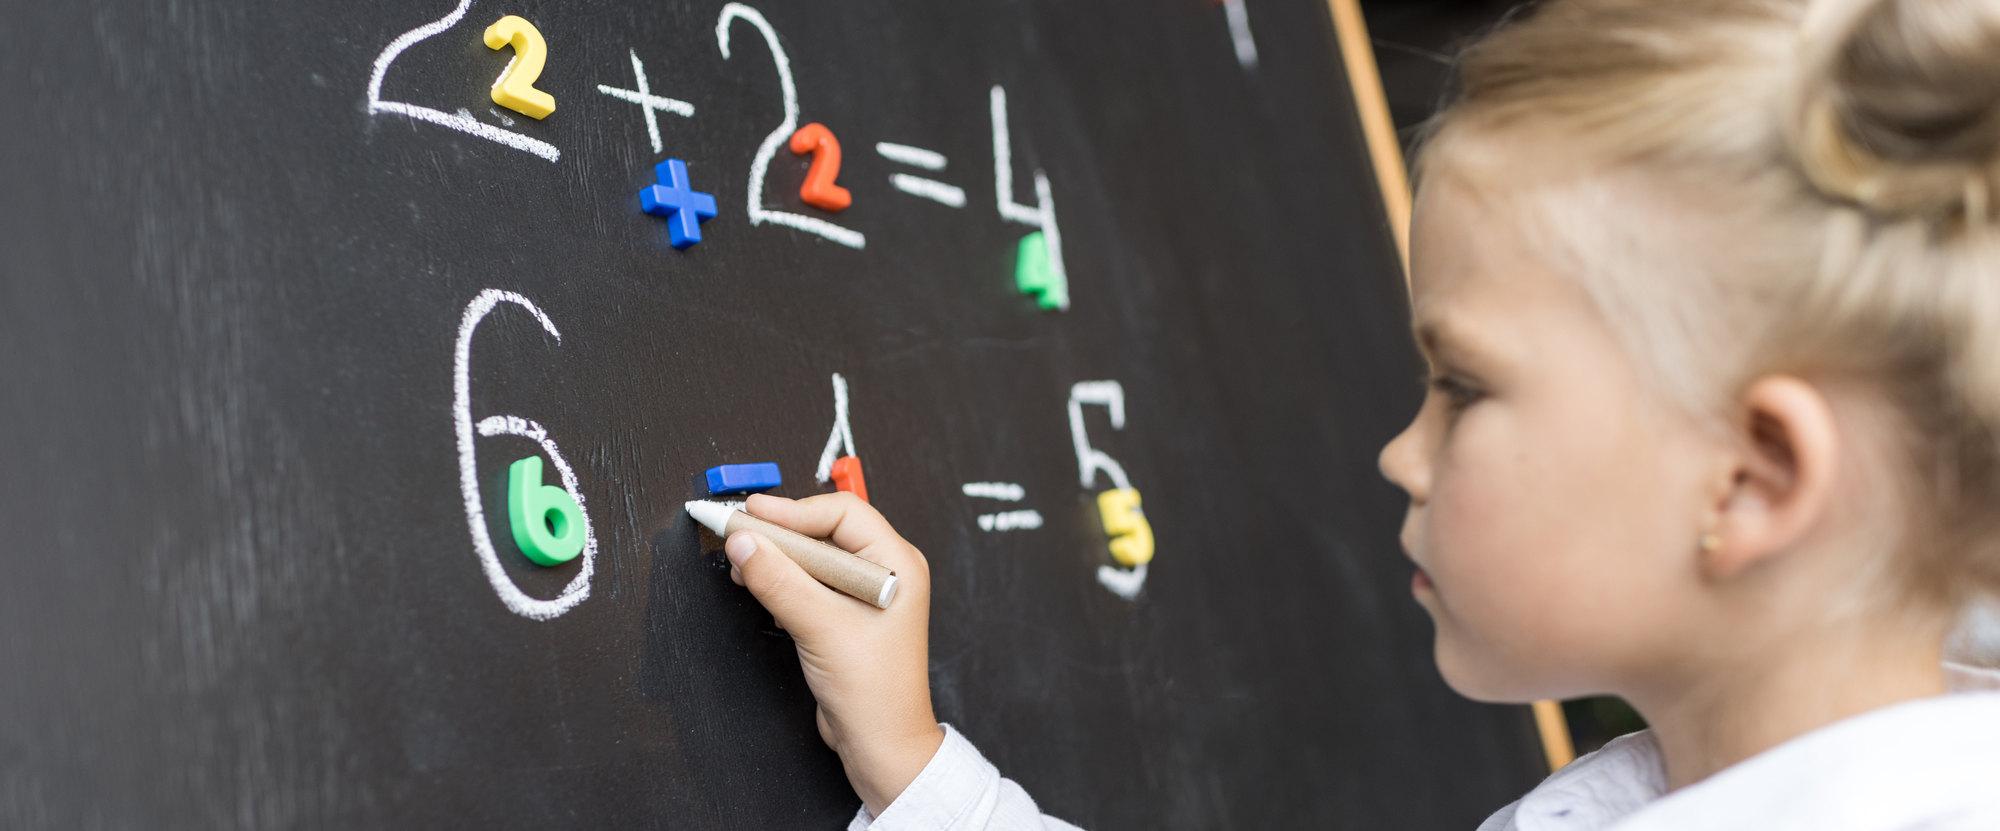 A girl doing math